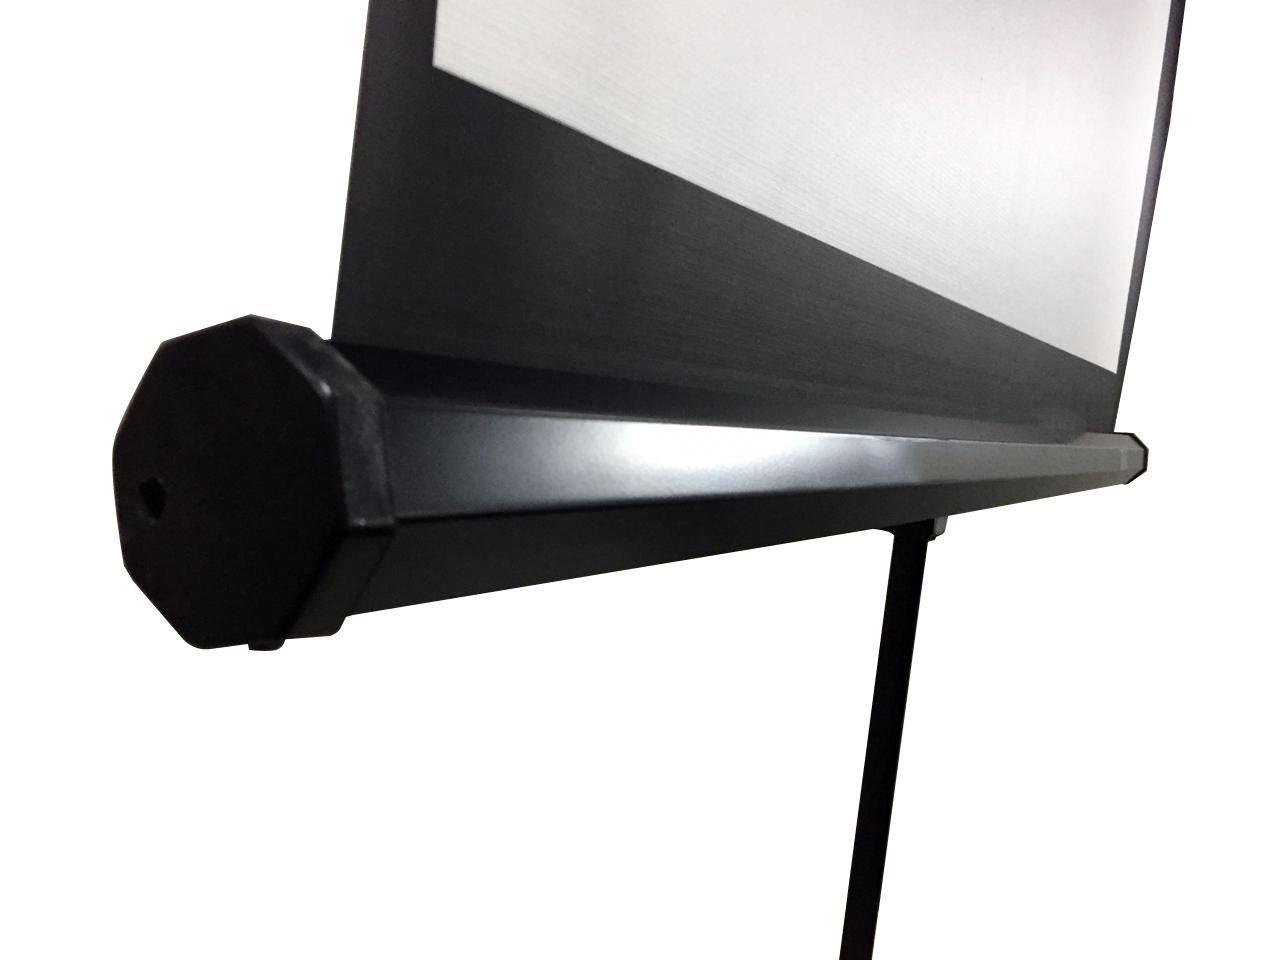 Tela de Projeção Tripé TBTPS70 (1.80x1.80m)